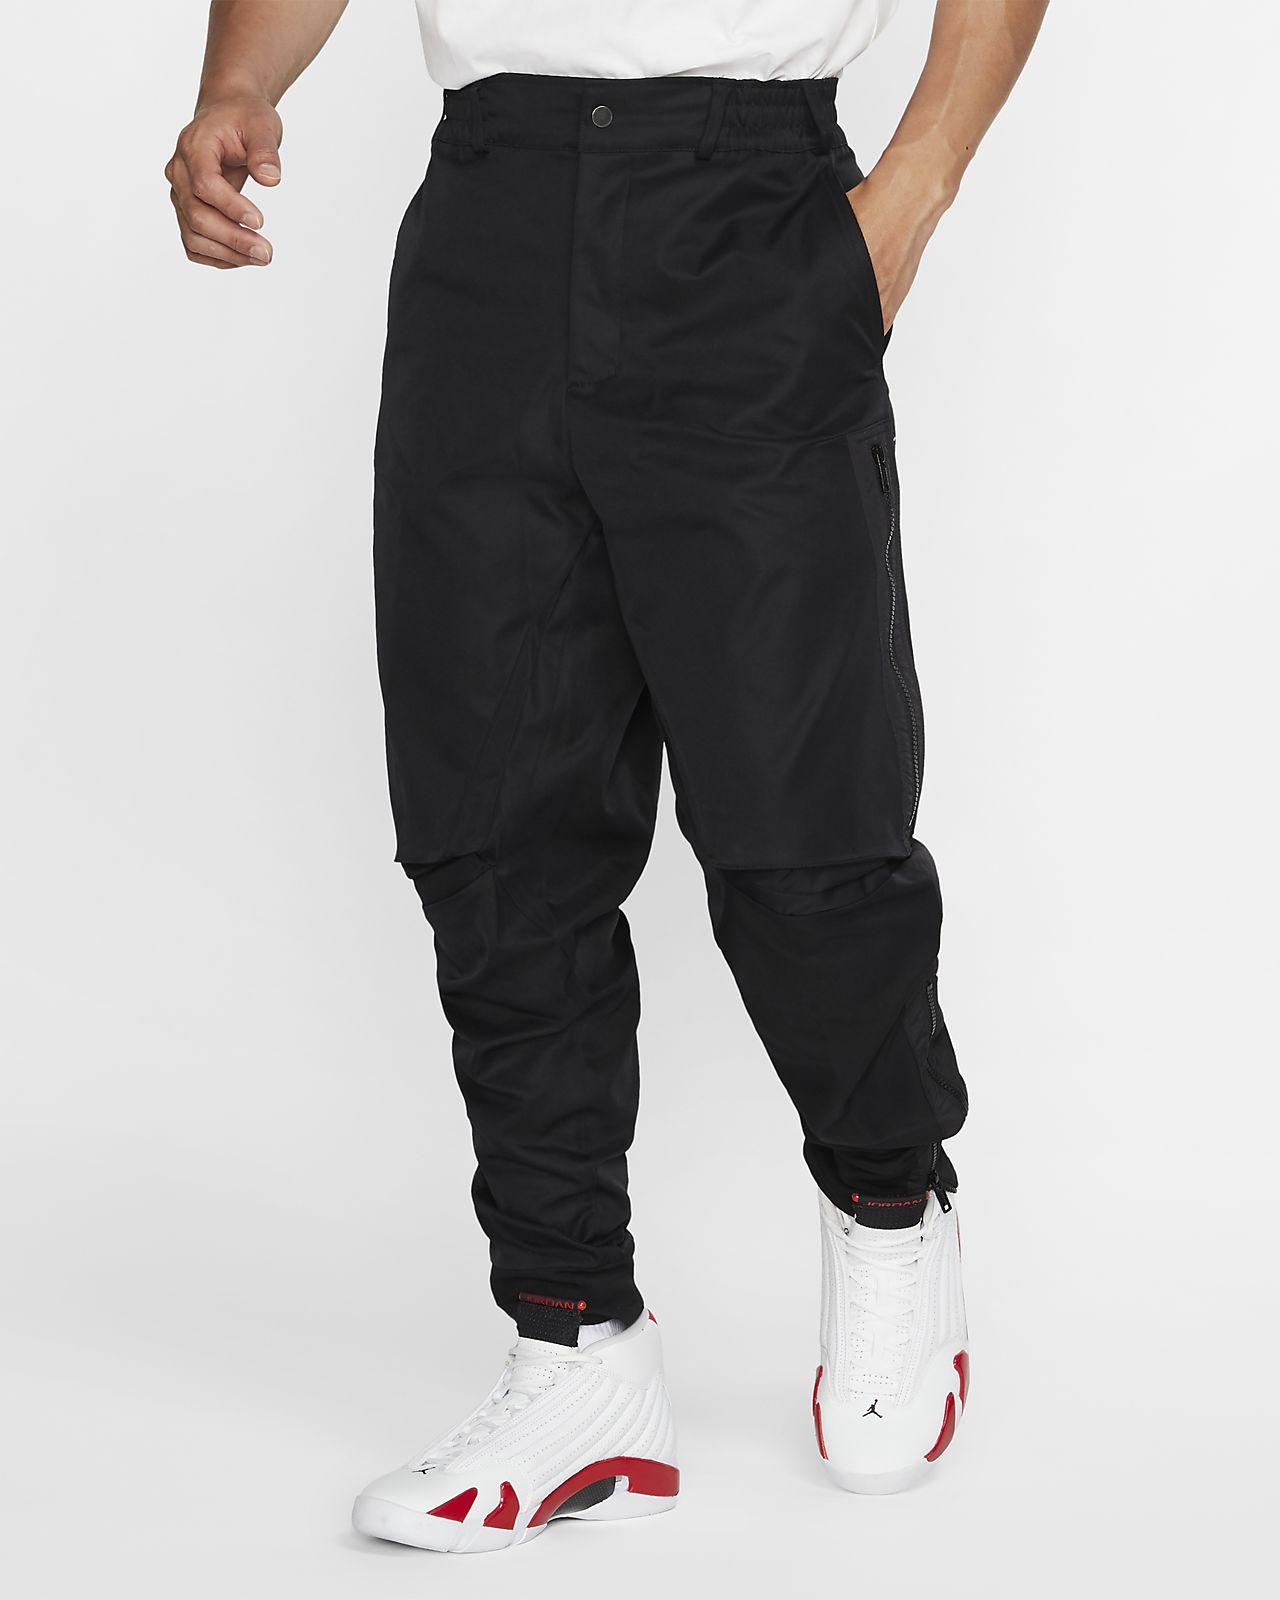 Jordan 23 Engineered Trousers